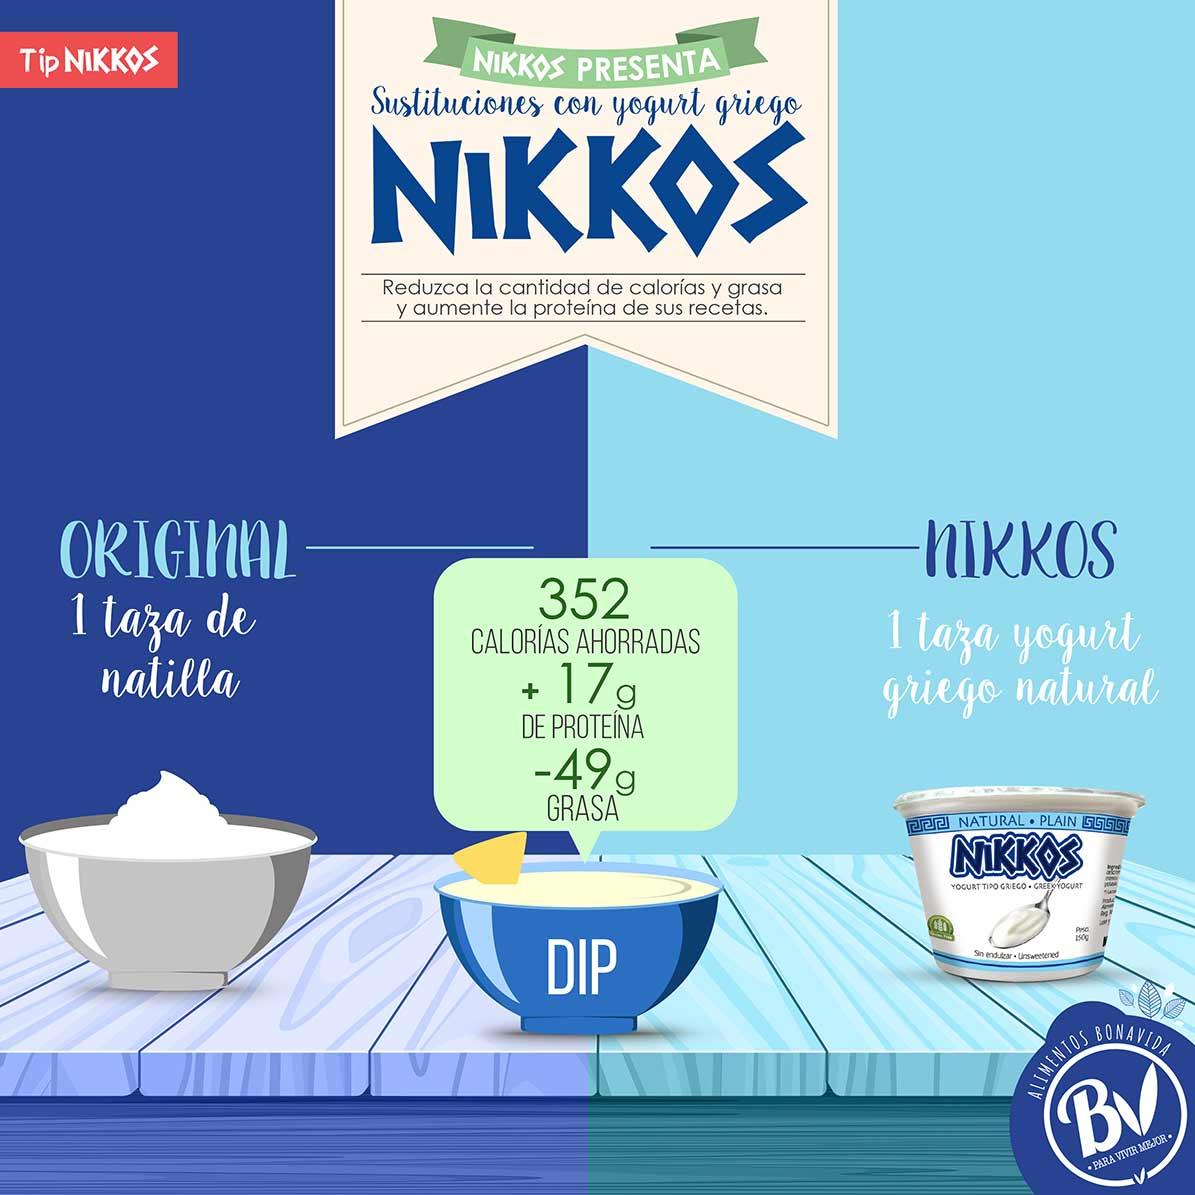 Tip-2 Sustituciones con yogurt griego